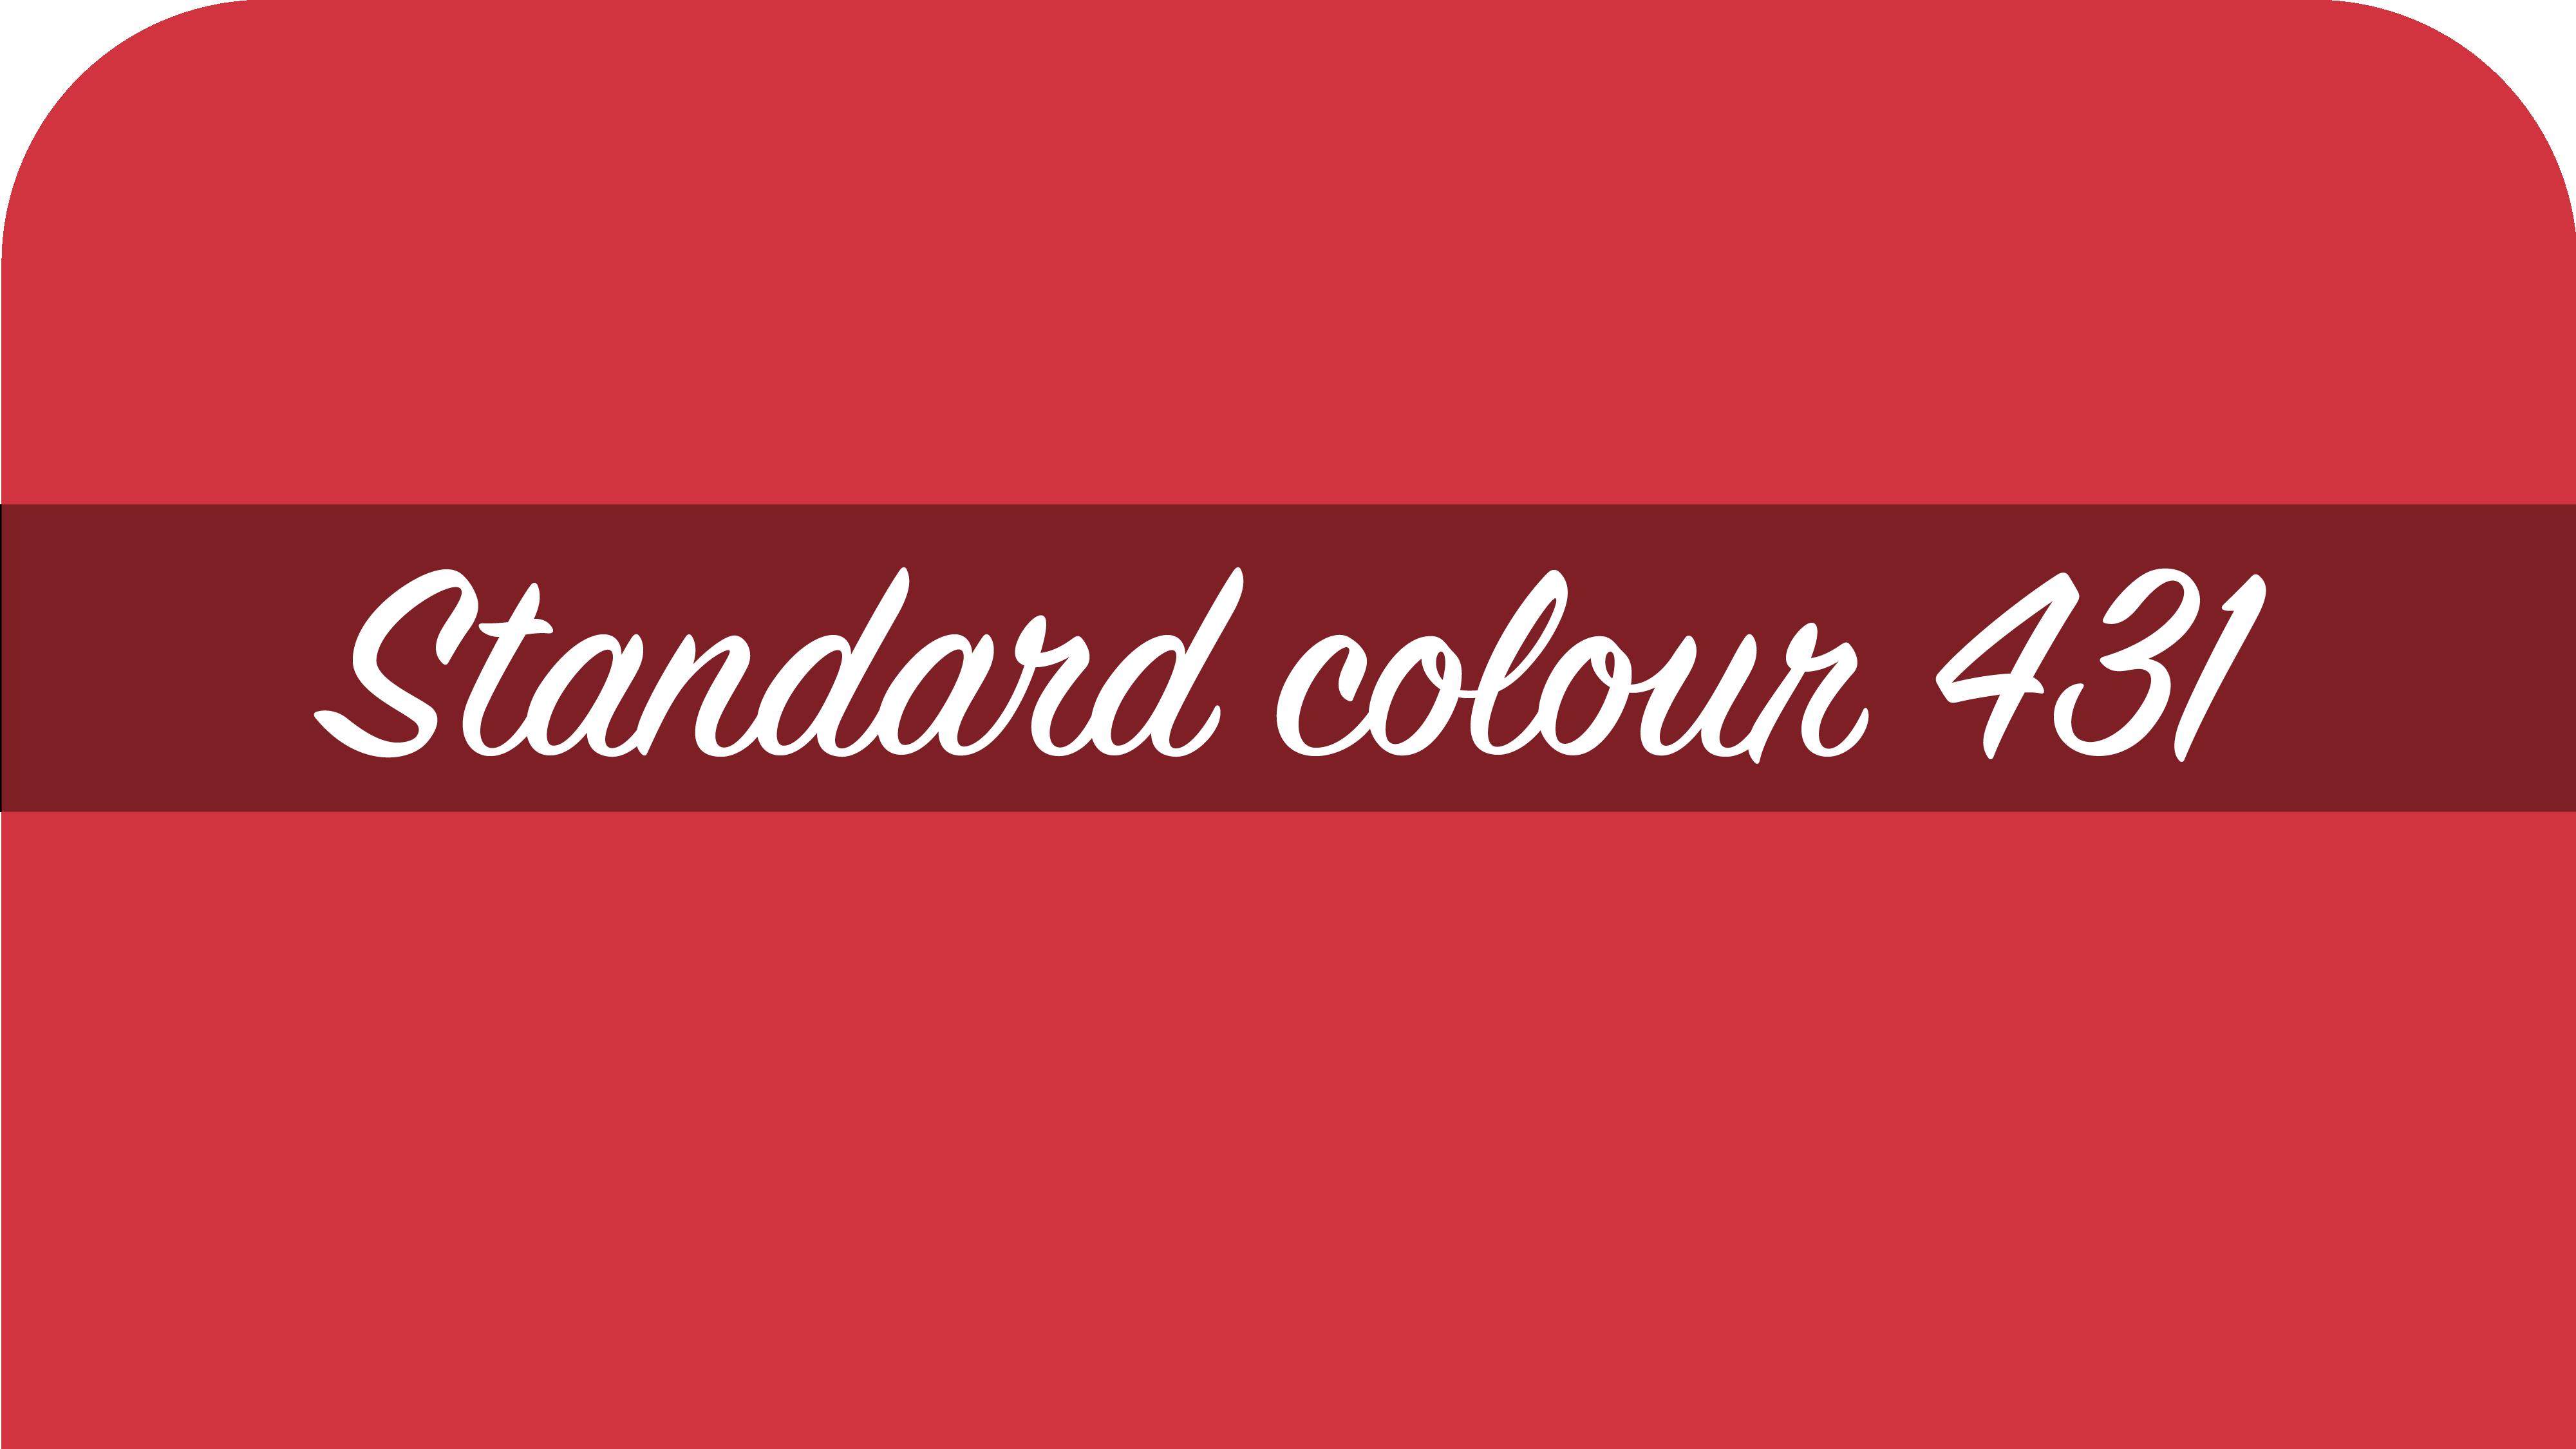 standard-colour-431